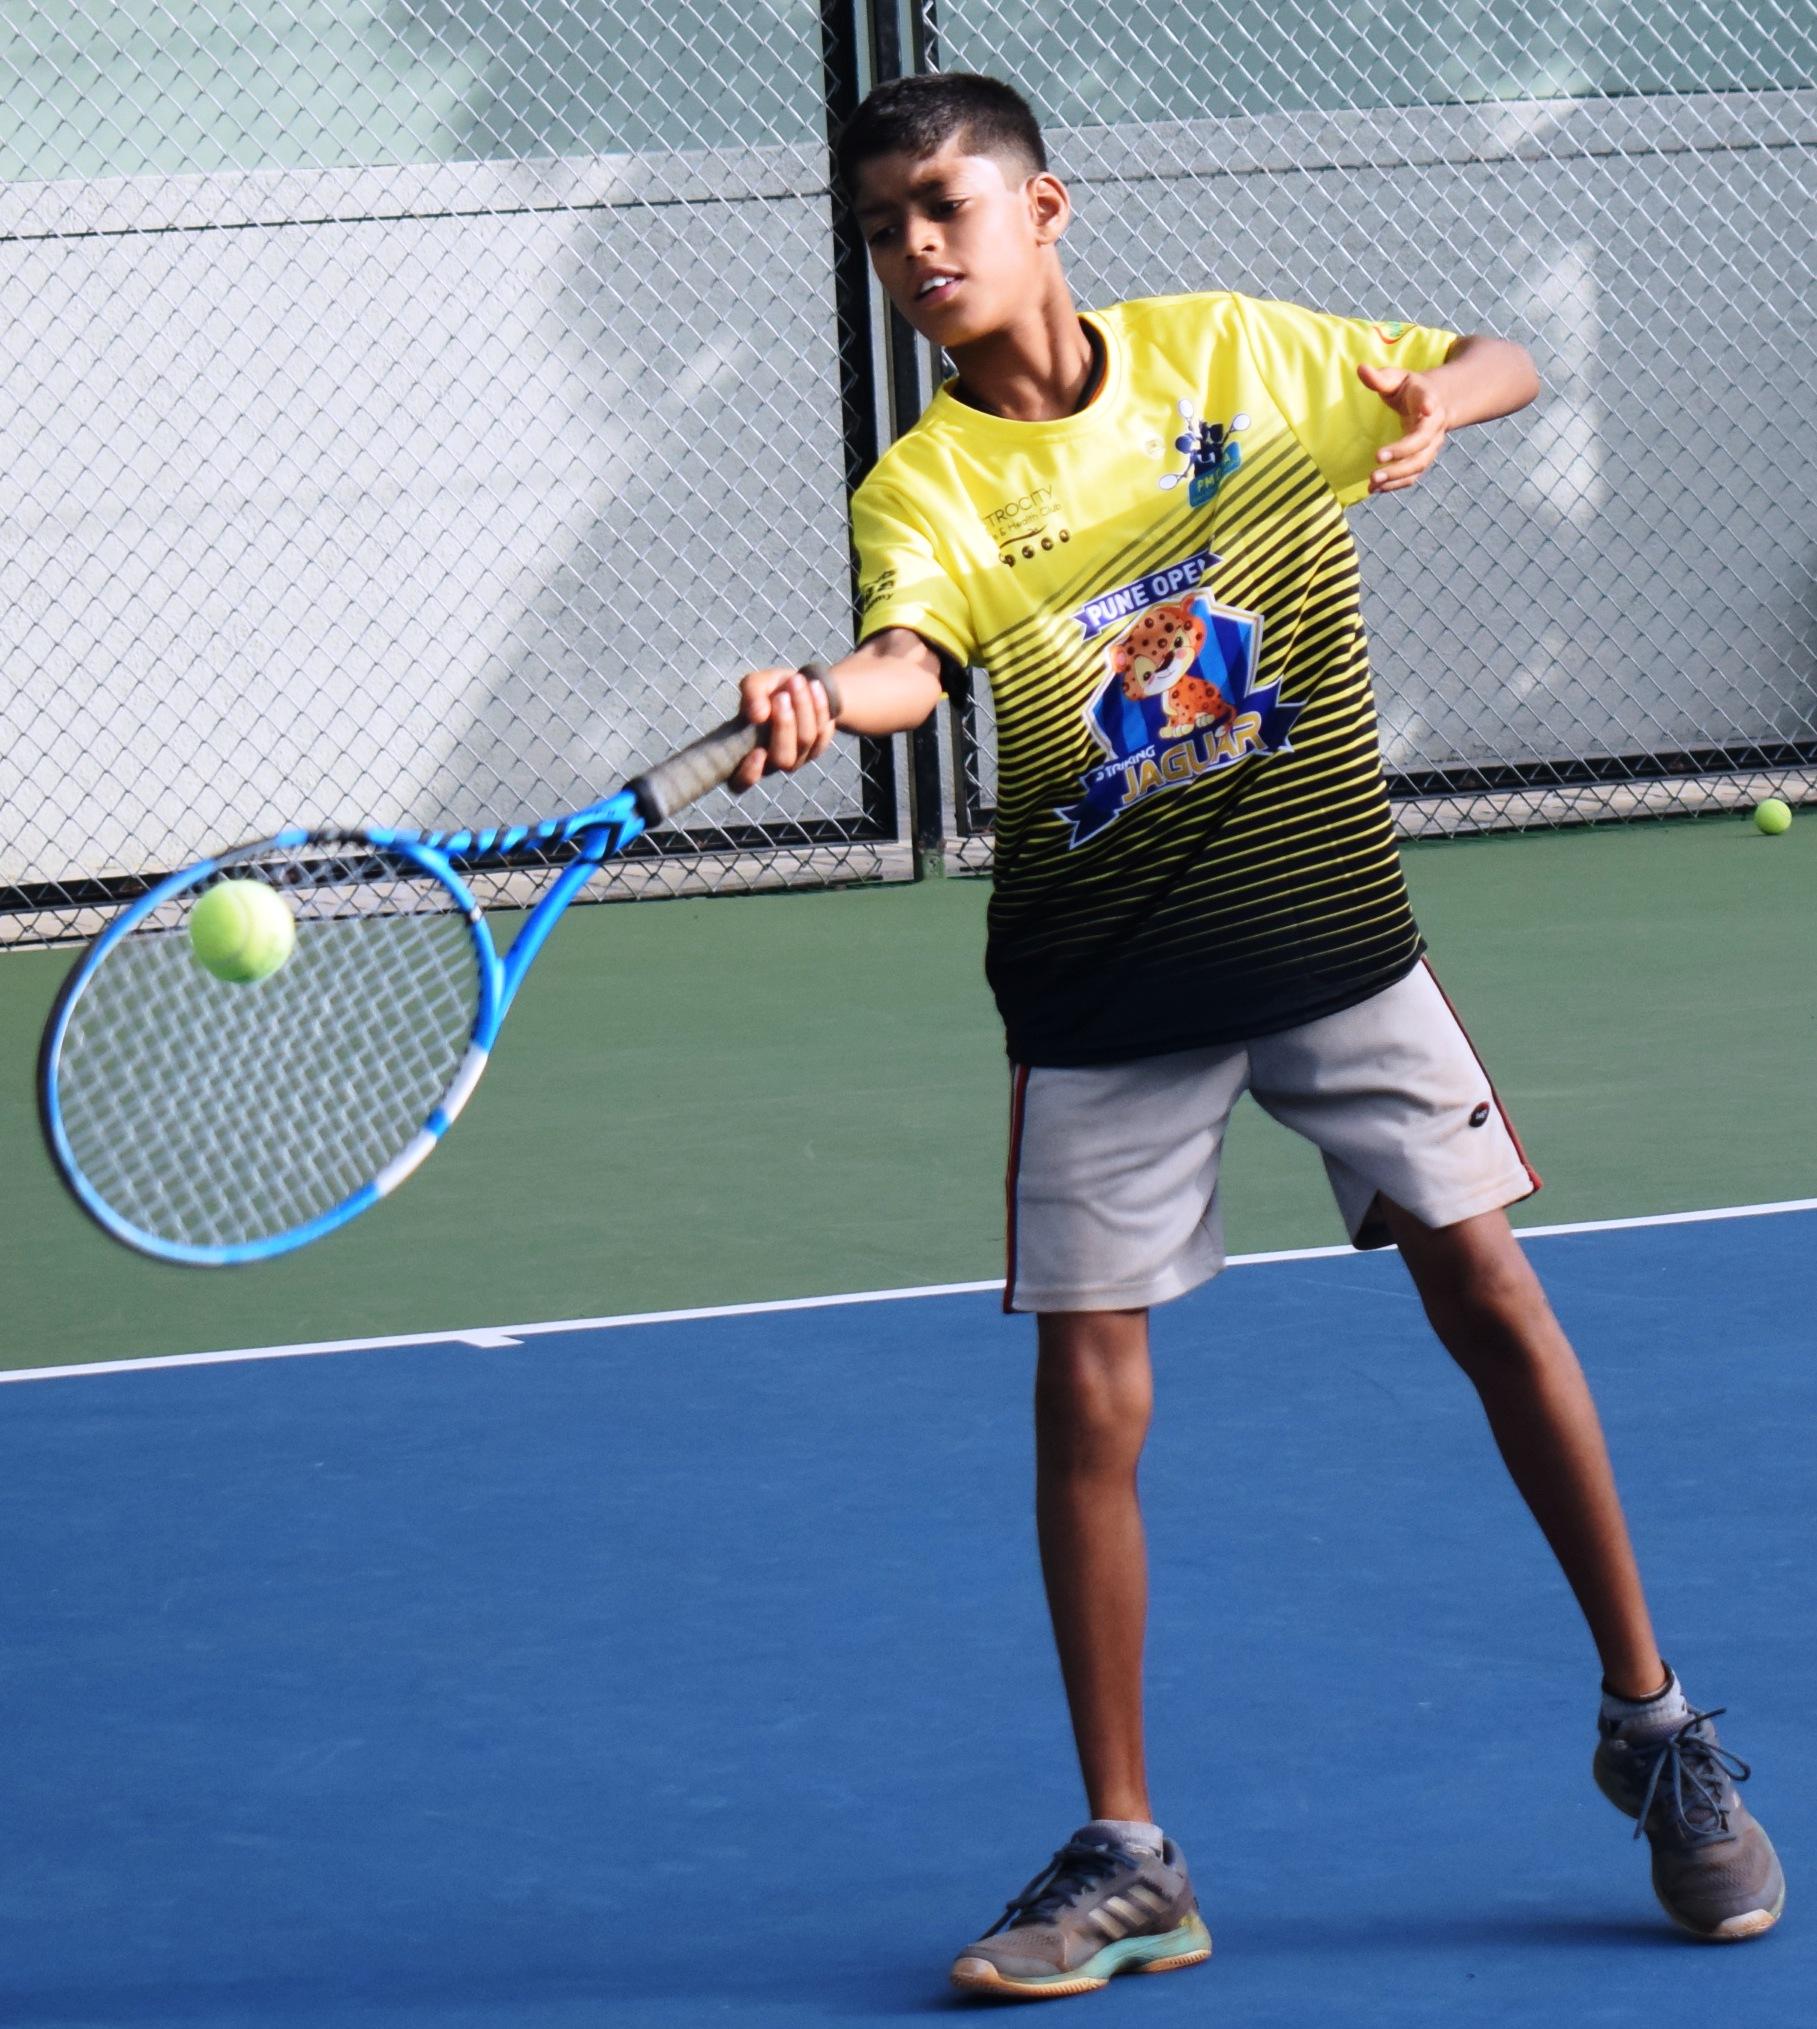 पीएमडीटीए ज्युनियर टेनिस लीग स्पर्धेत पुणे ओपन स्ट्रायकिंग जॅगवॉर्स संघाचा सलग दुसरा विजय